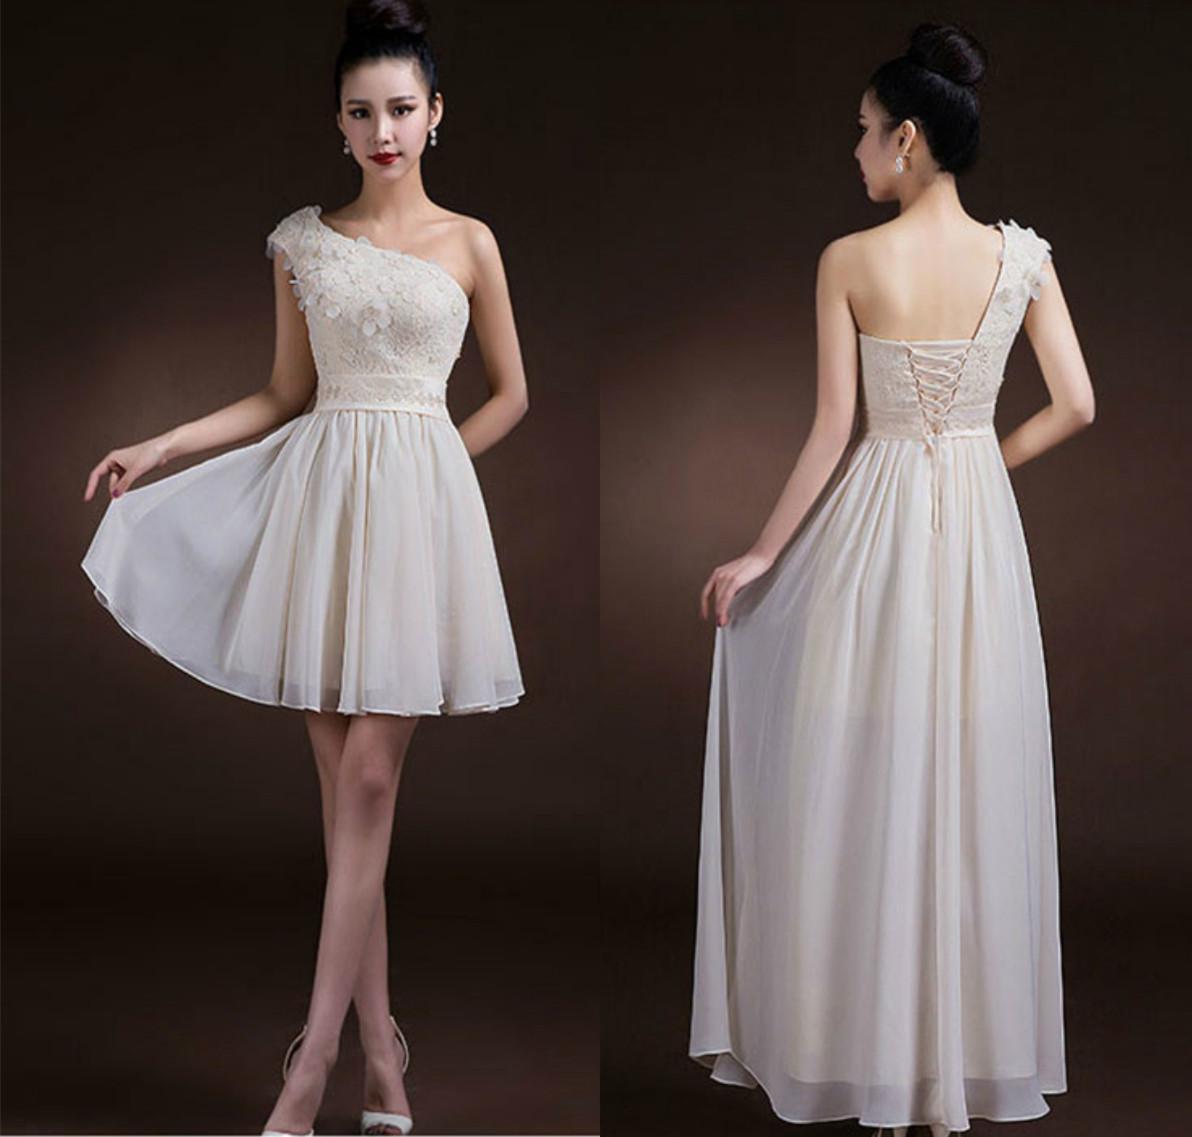 Bridesmaid Dresses Columbus Ohio